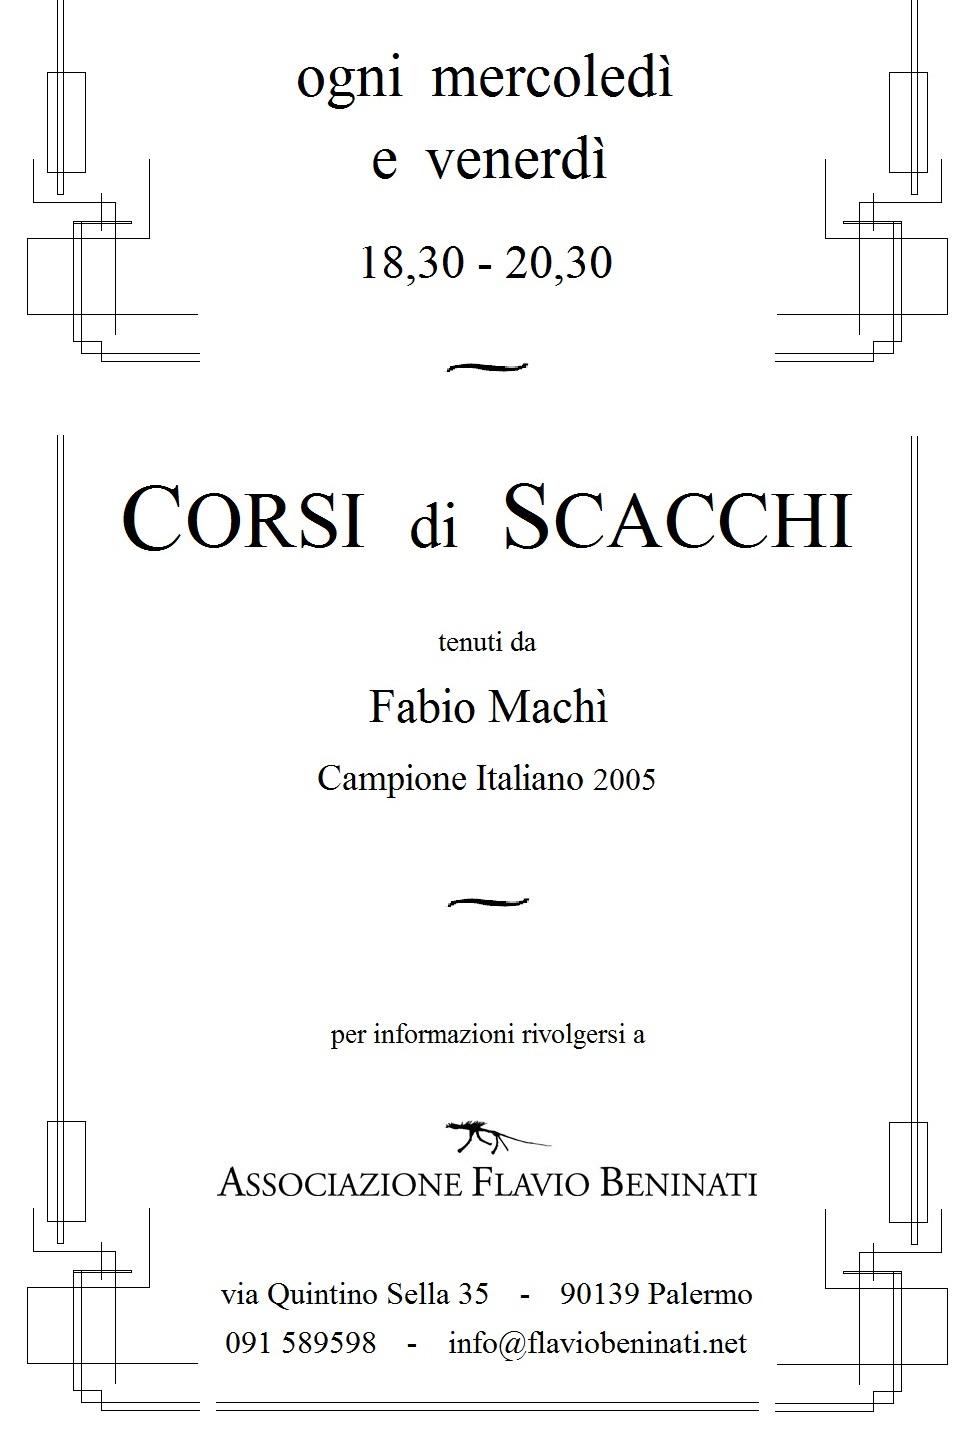 Corso di Scacchi - LOCANDINA 5